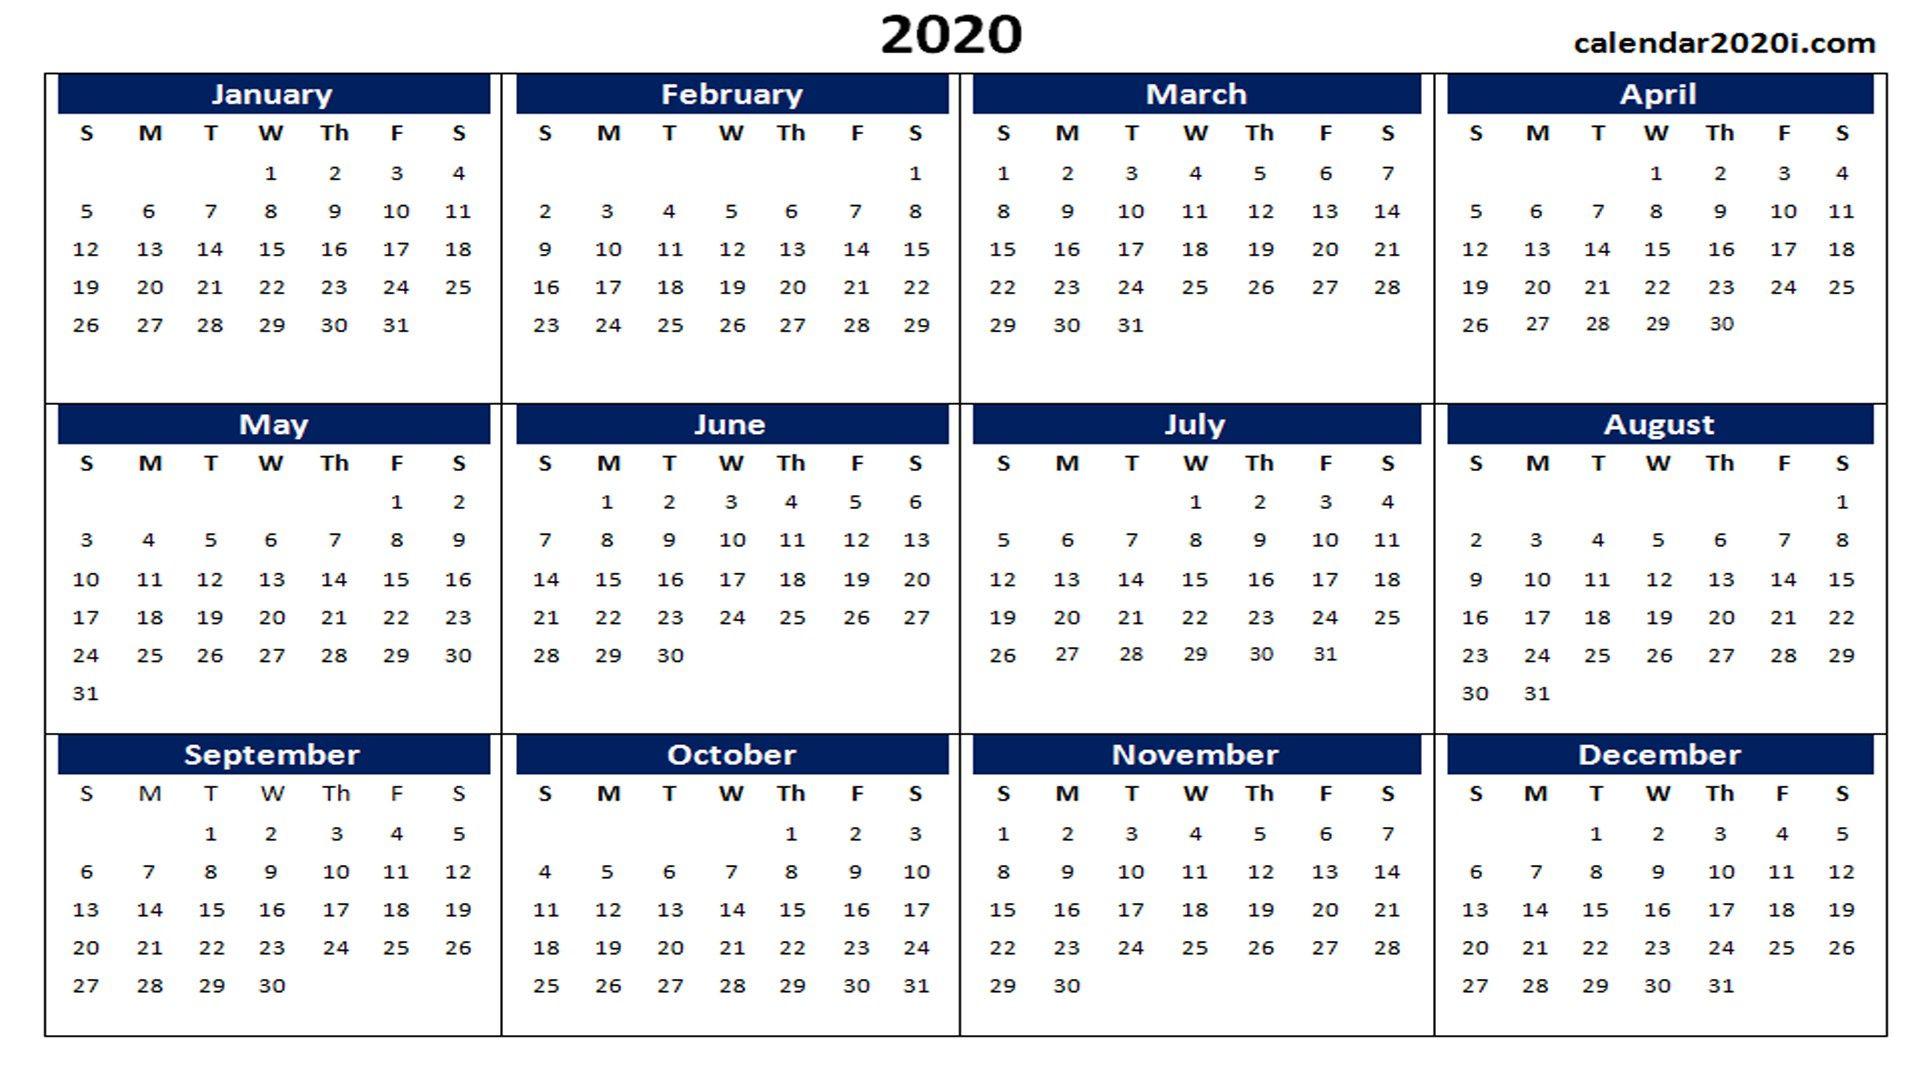 Календарь 2020 С Номерами Недель Скачать - Twin Monica